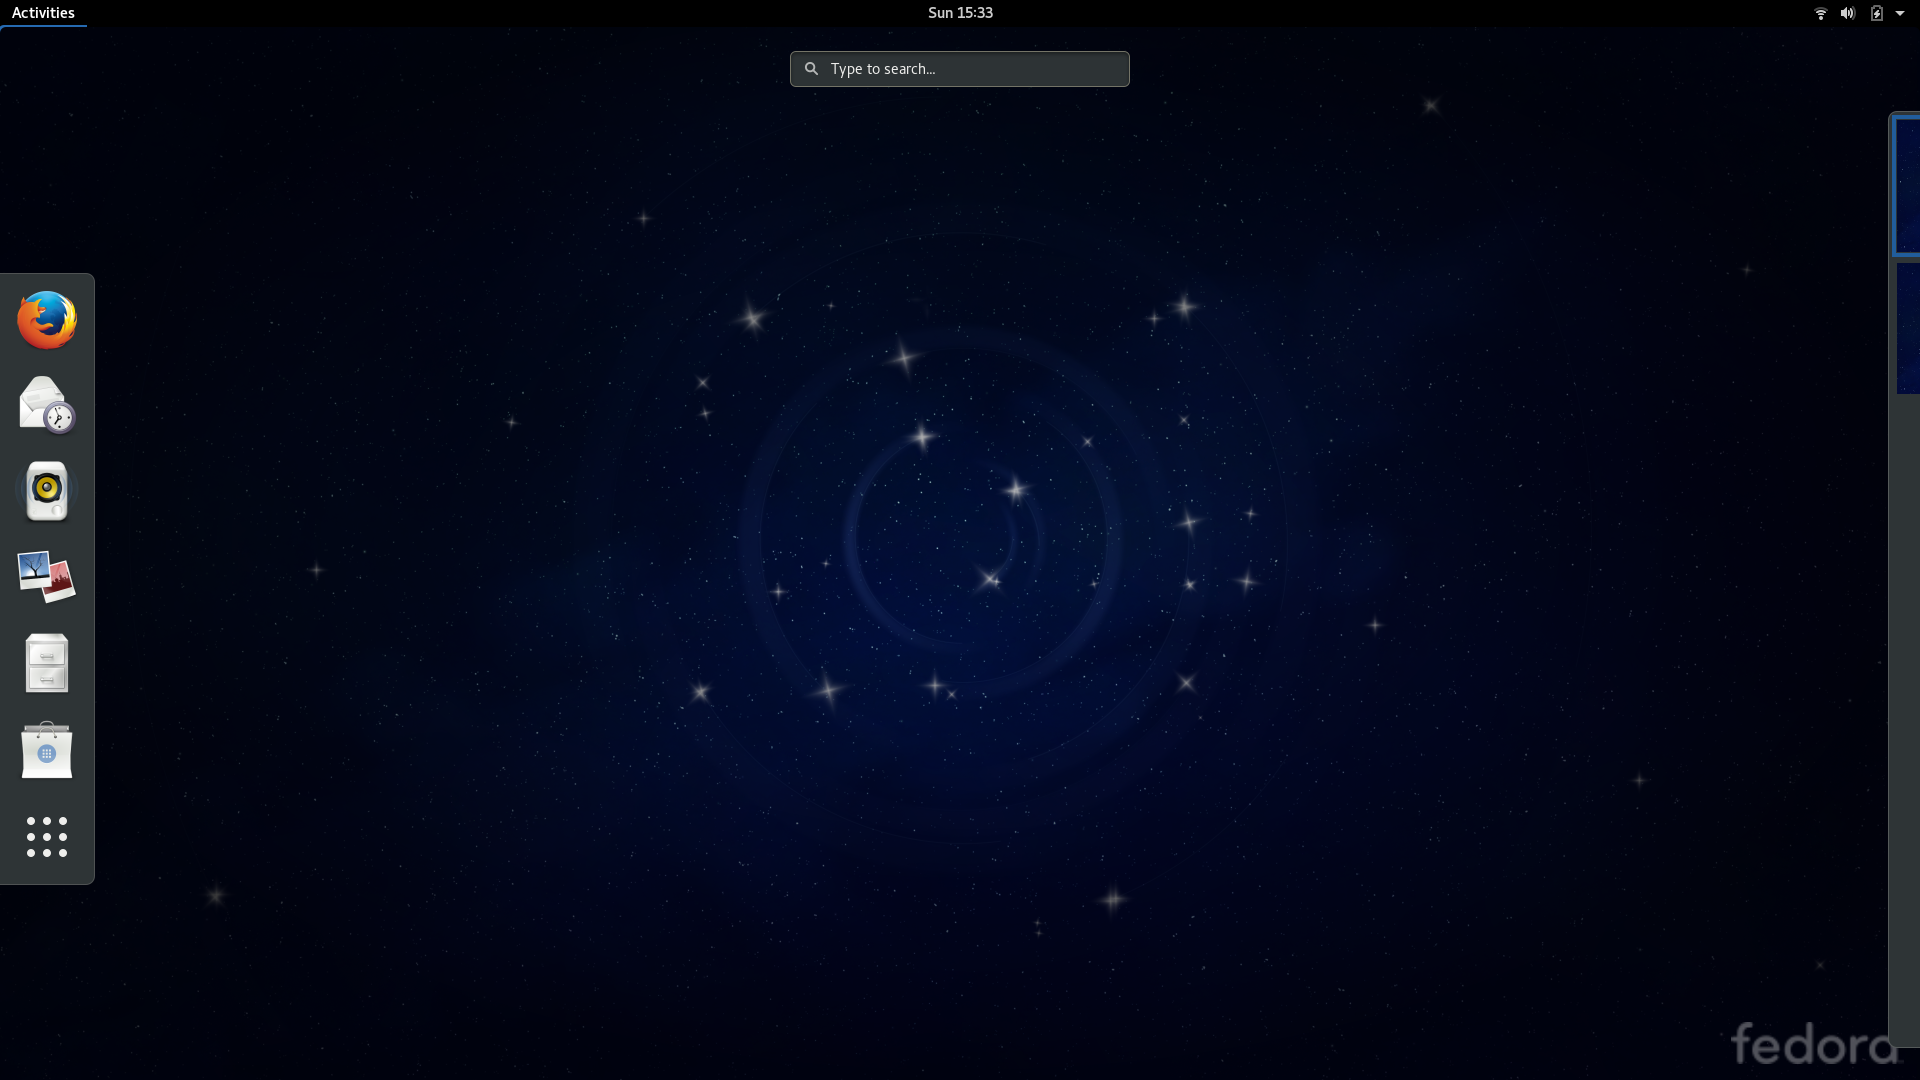 Fedora 24 desktop